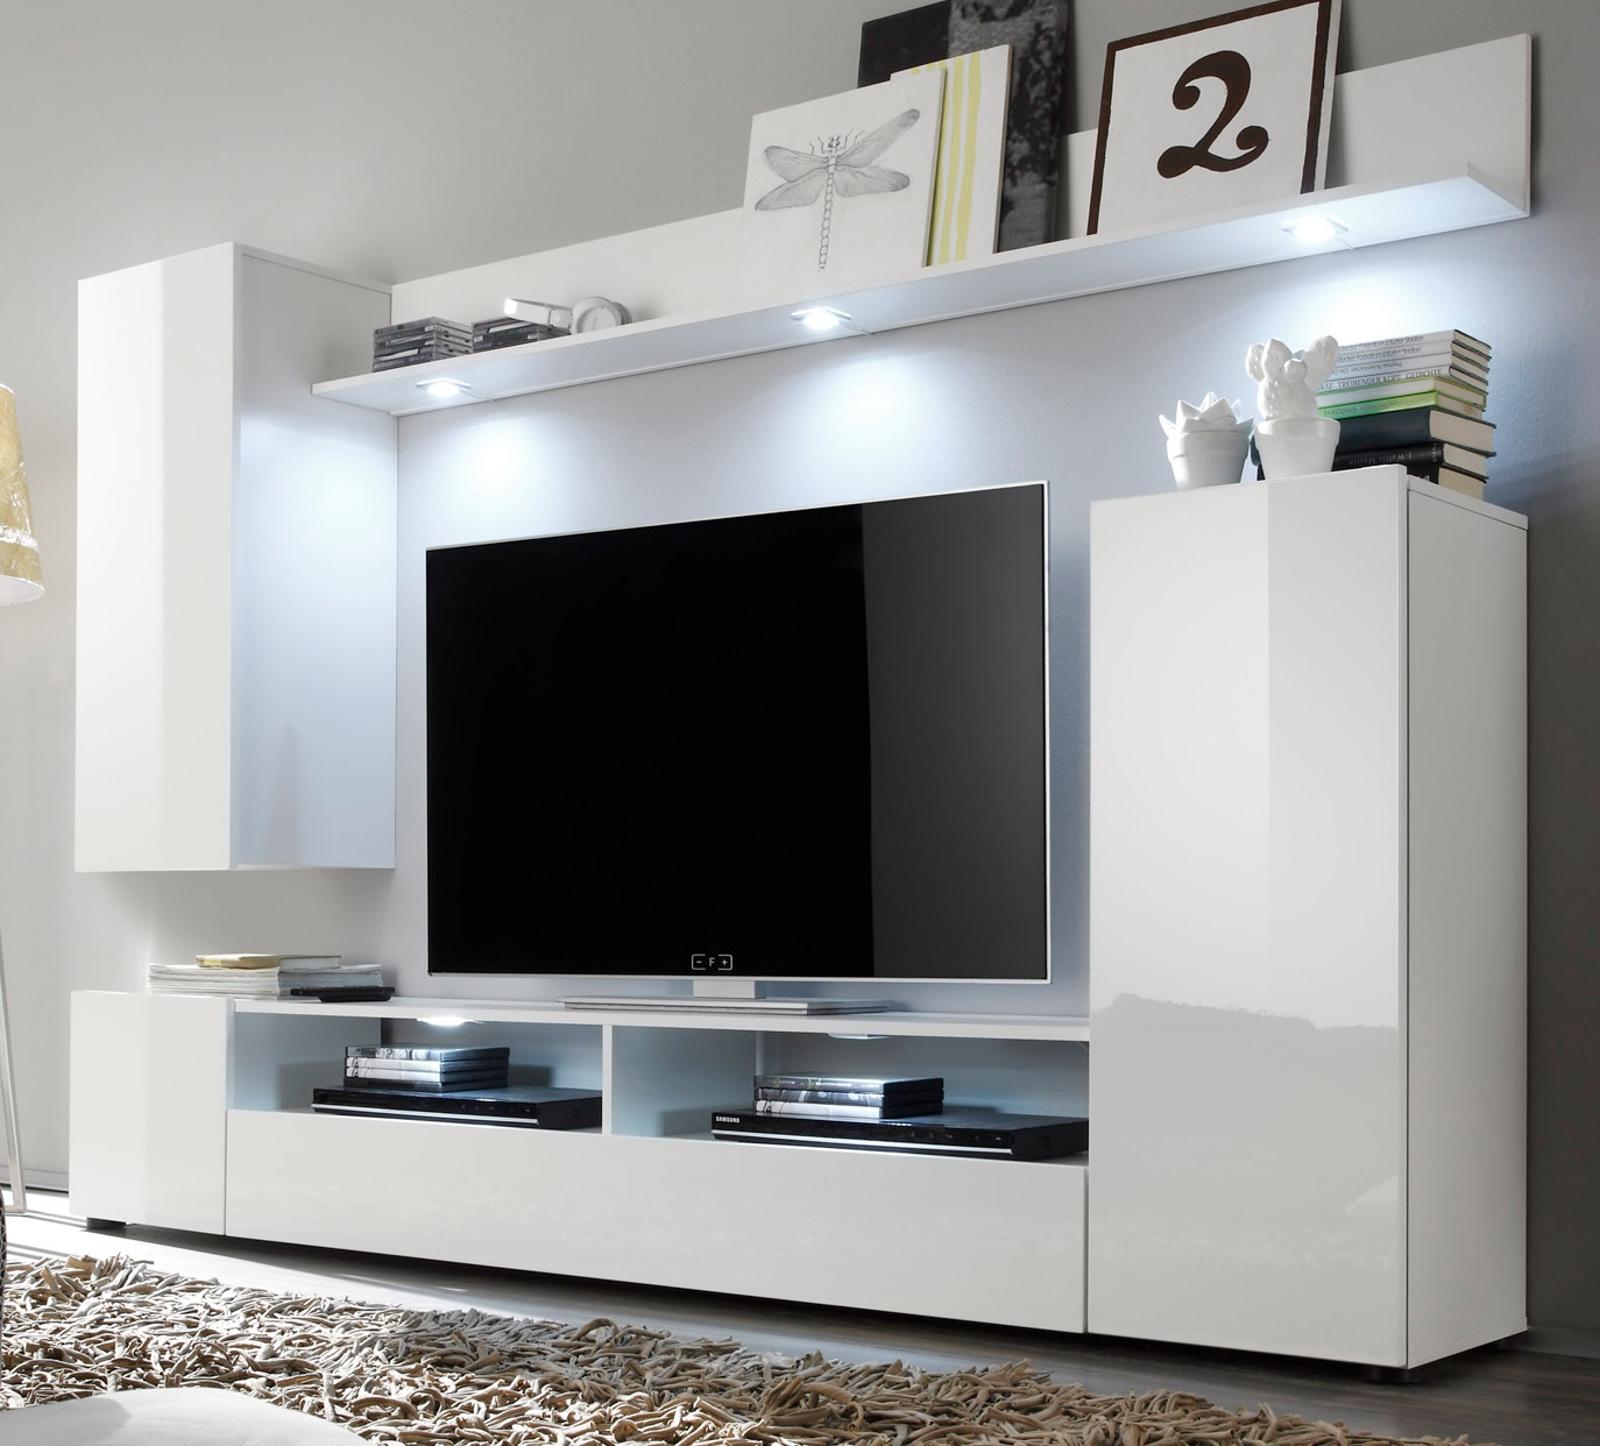 wohnwand wei hochglanz wohnzimmer tv hifi m bel. Black Bedroom Furniture Sets. Home Design Ideas